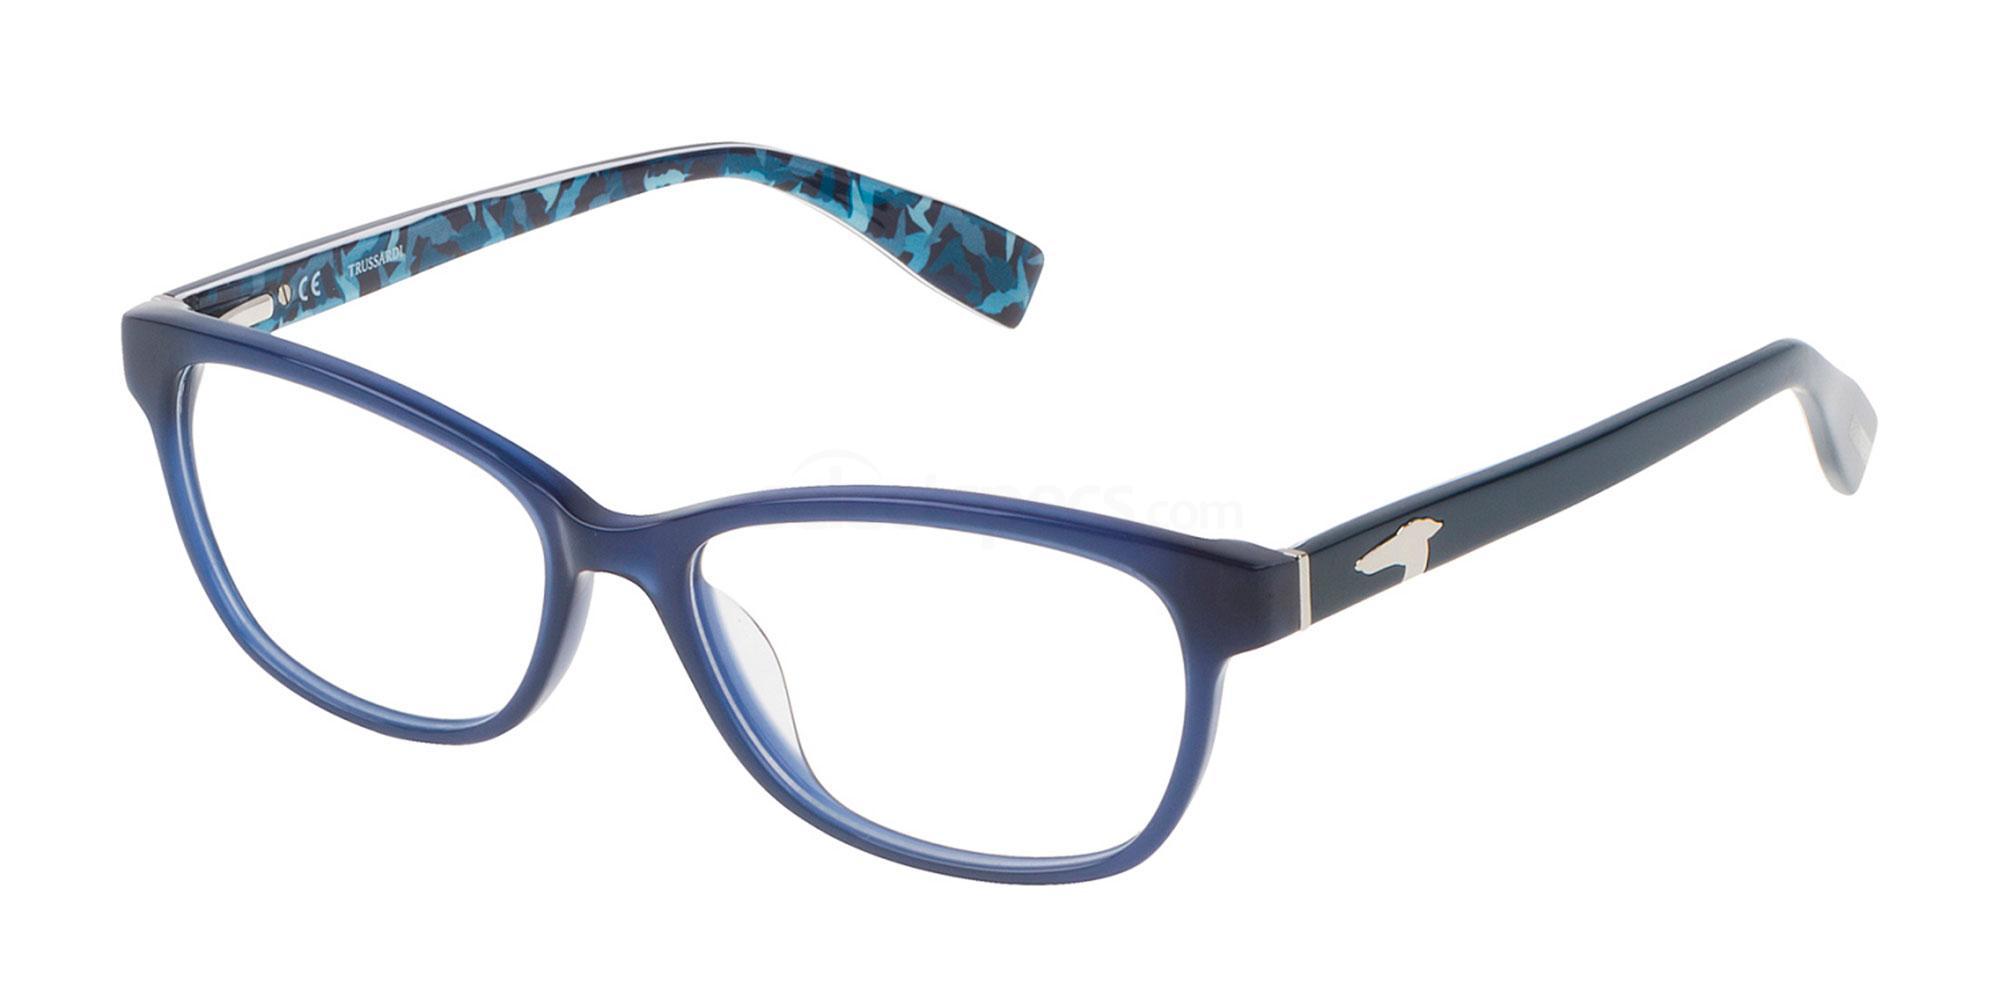 03GR VTR031 Glasses, Trussardi